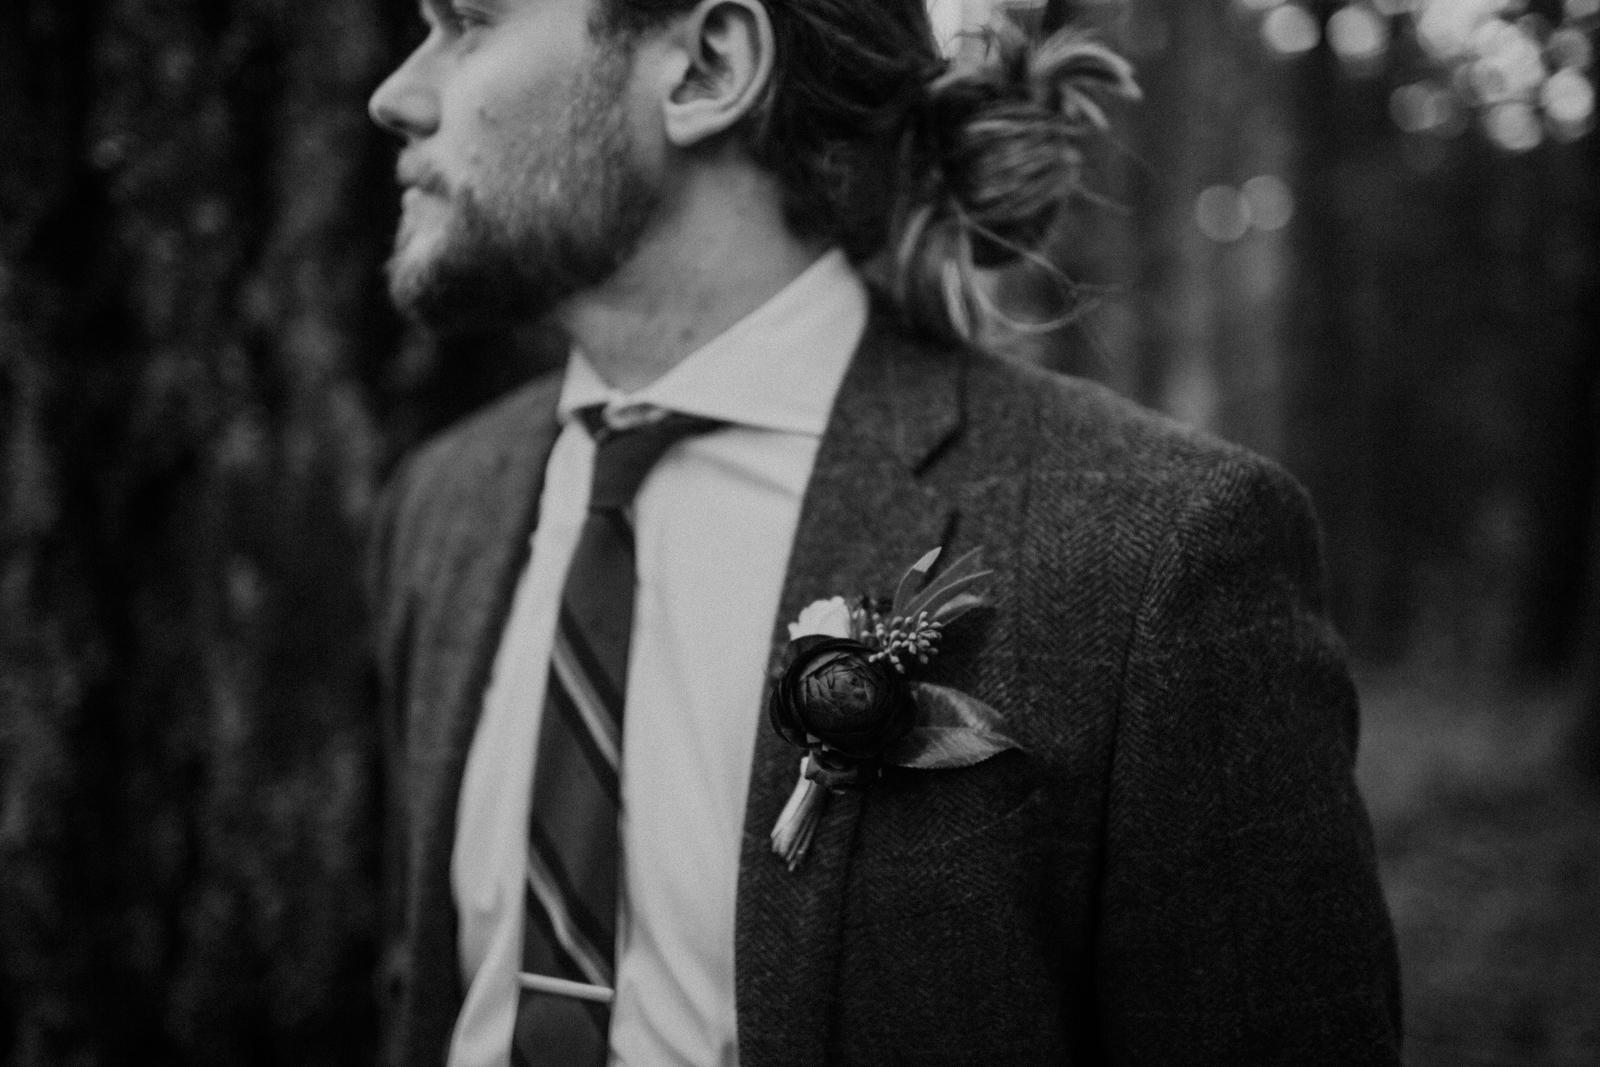 Luke on his wedding day